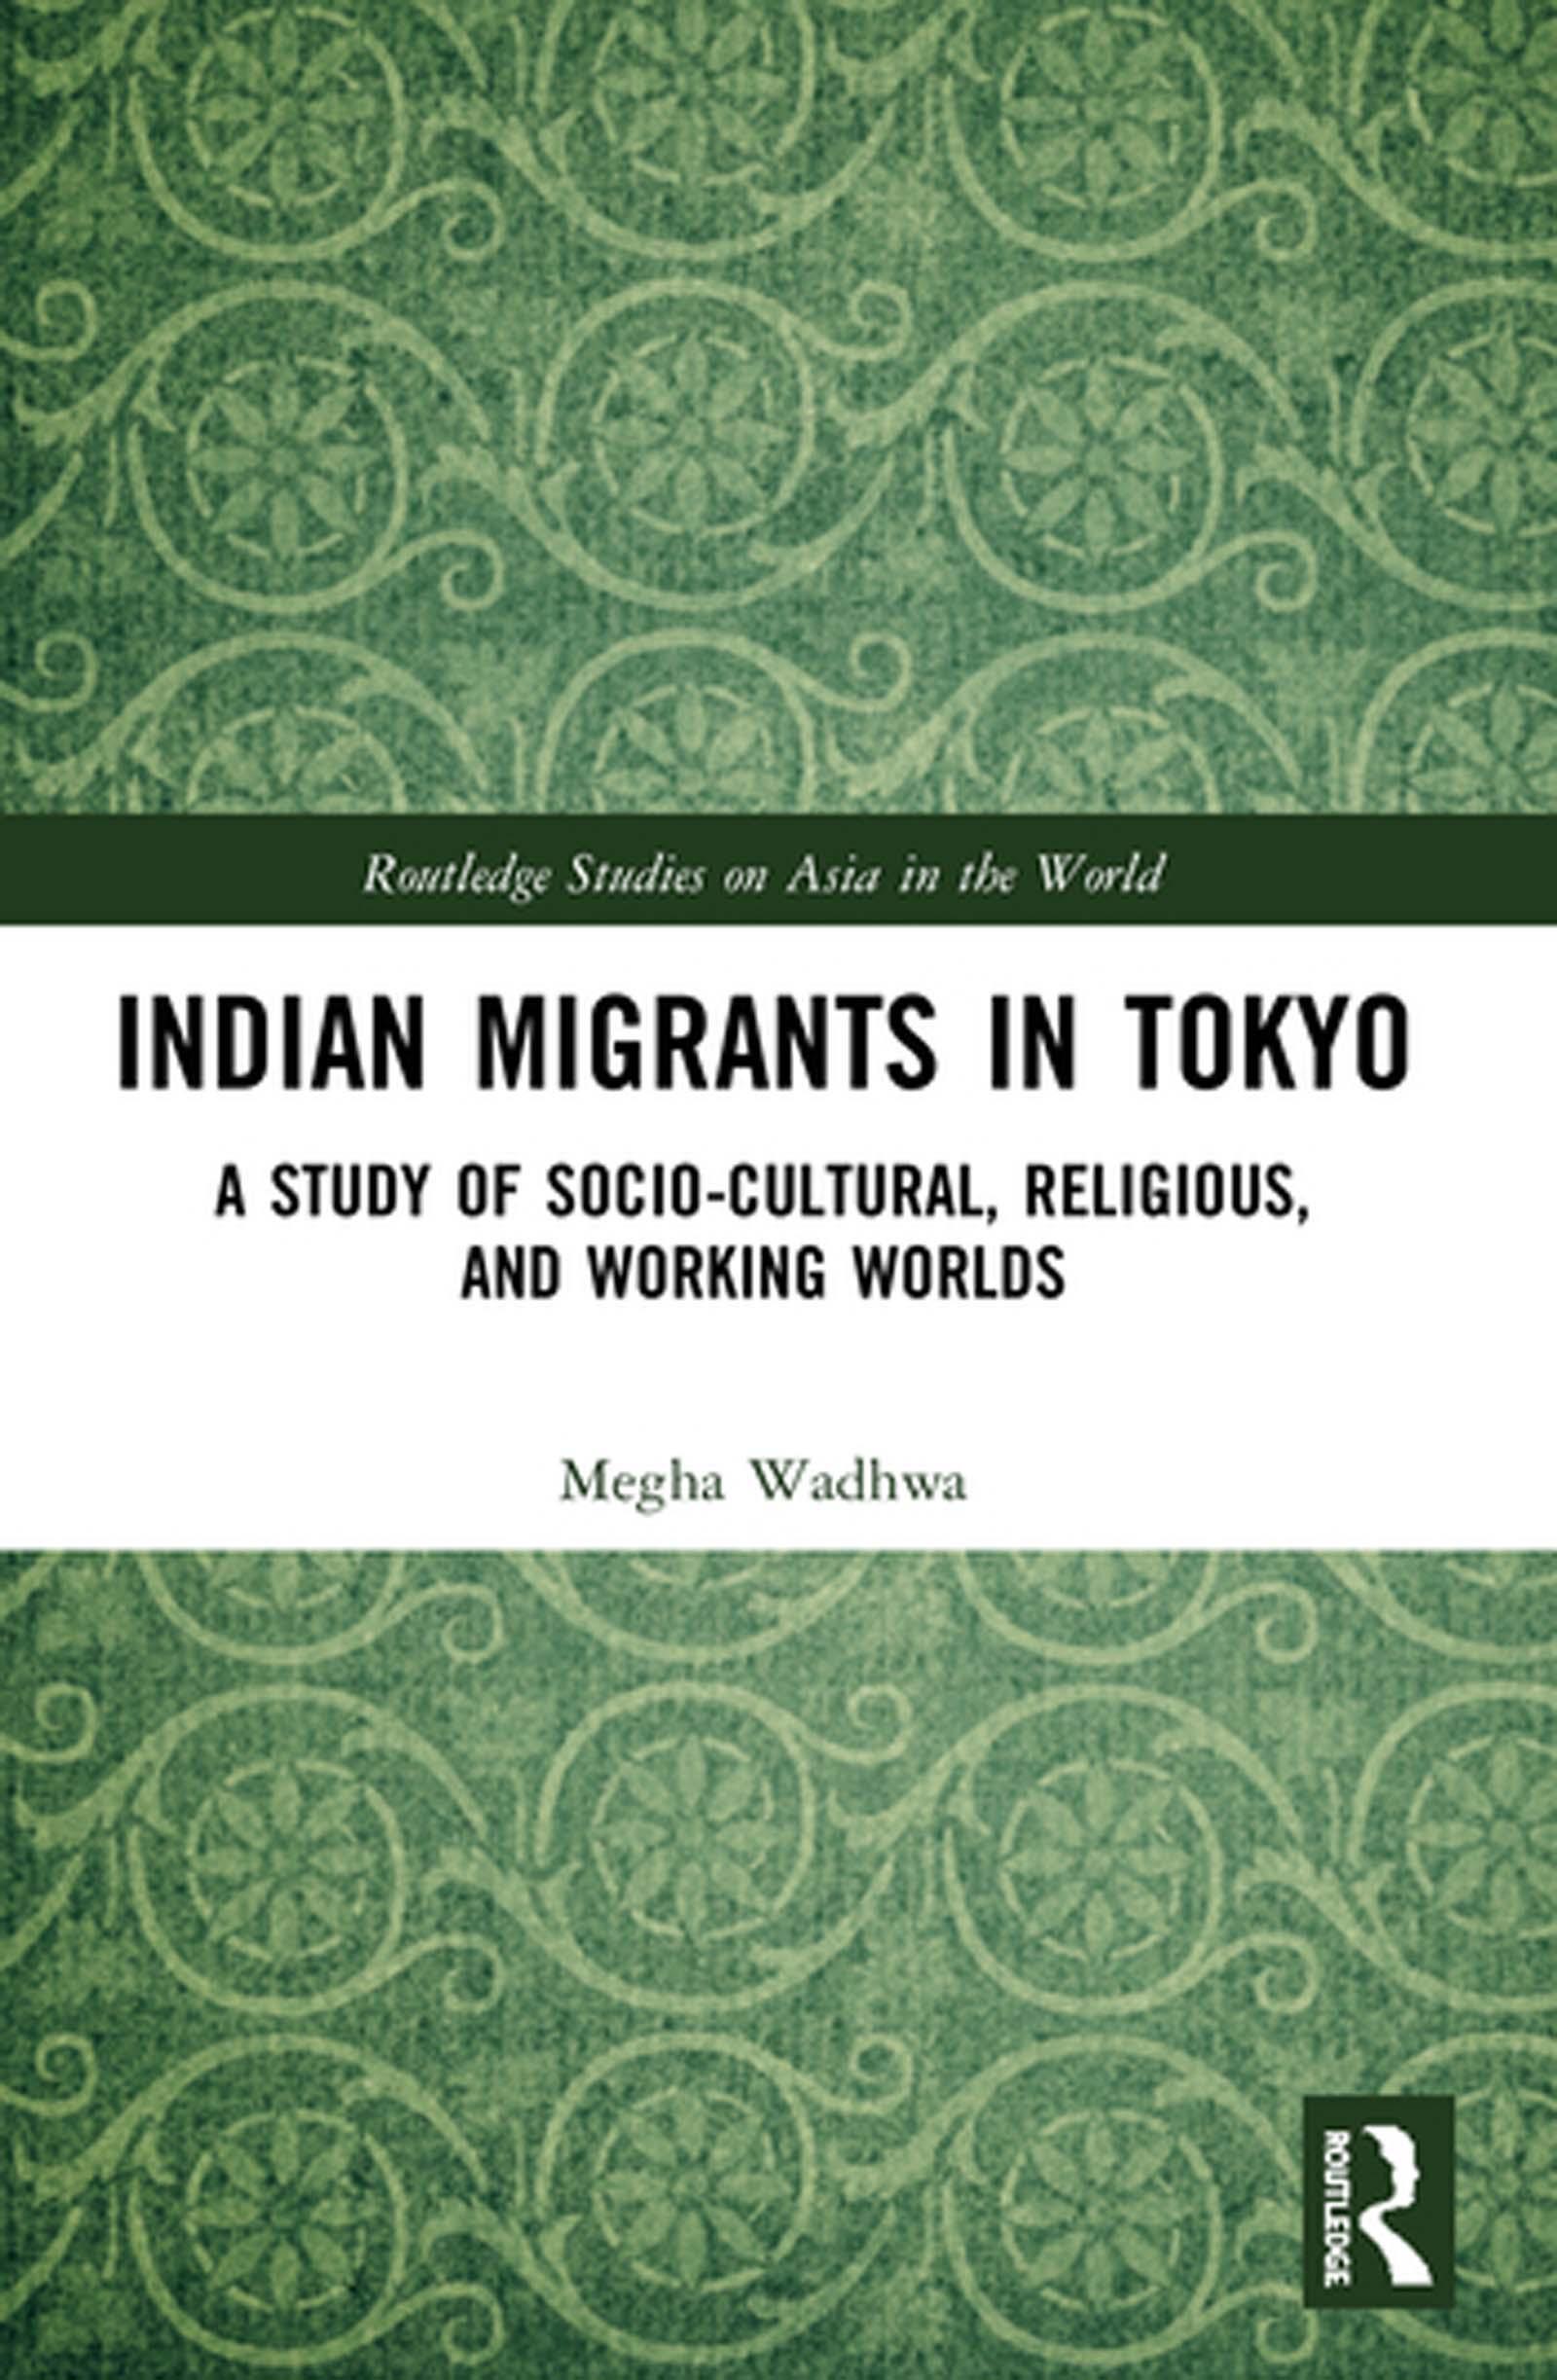 Indian Migrants in Tokyo